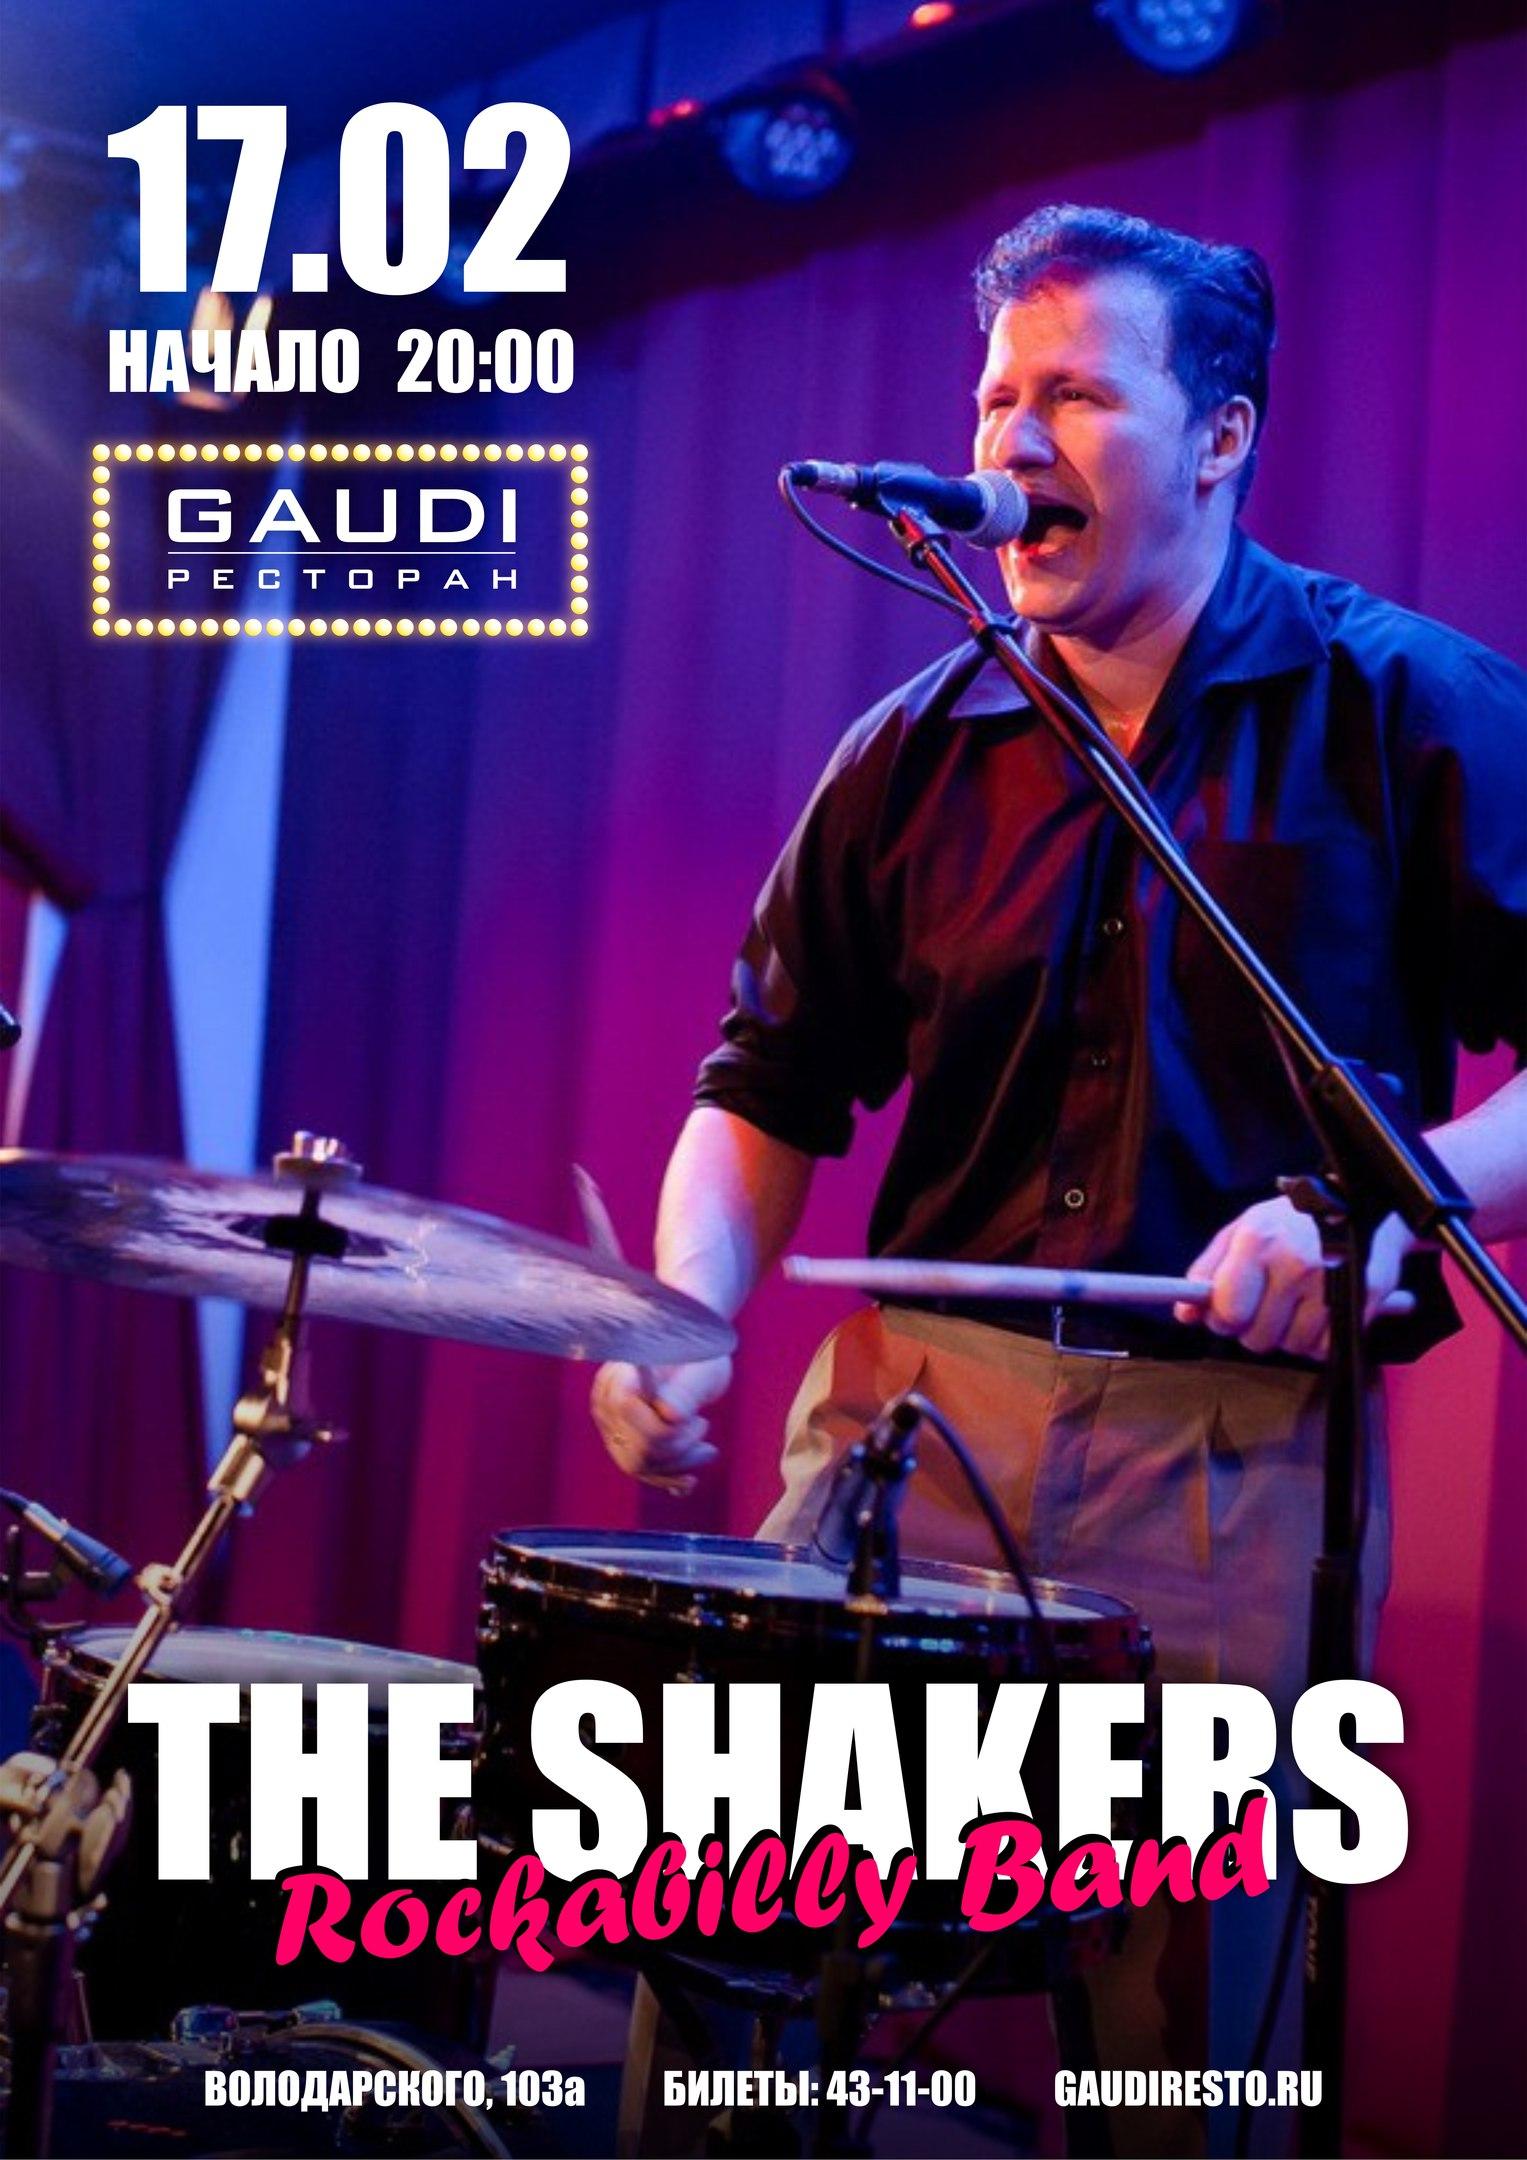 17.02 The Shakers в ресторане Gaudi!